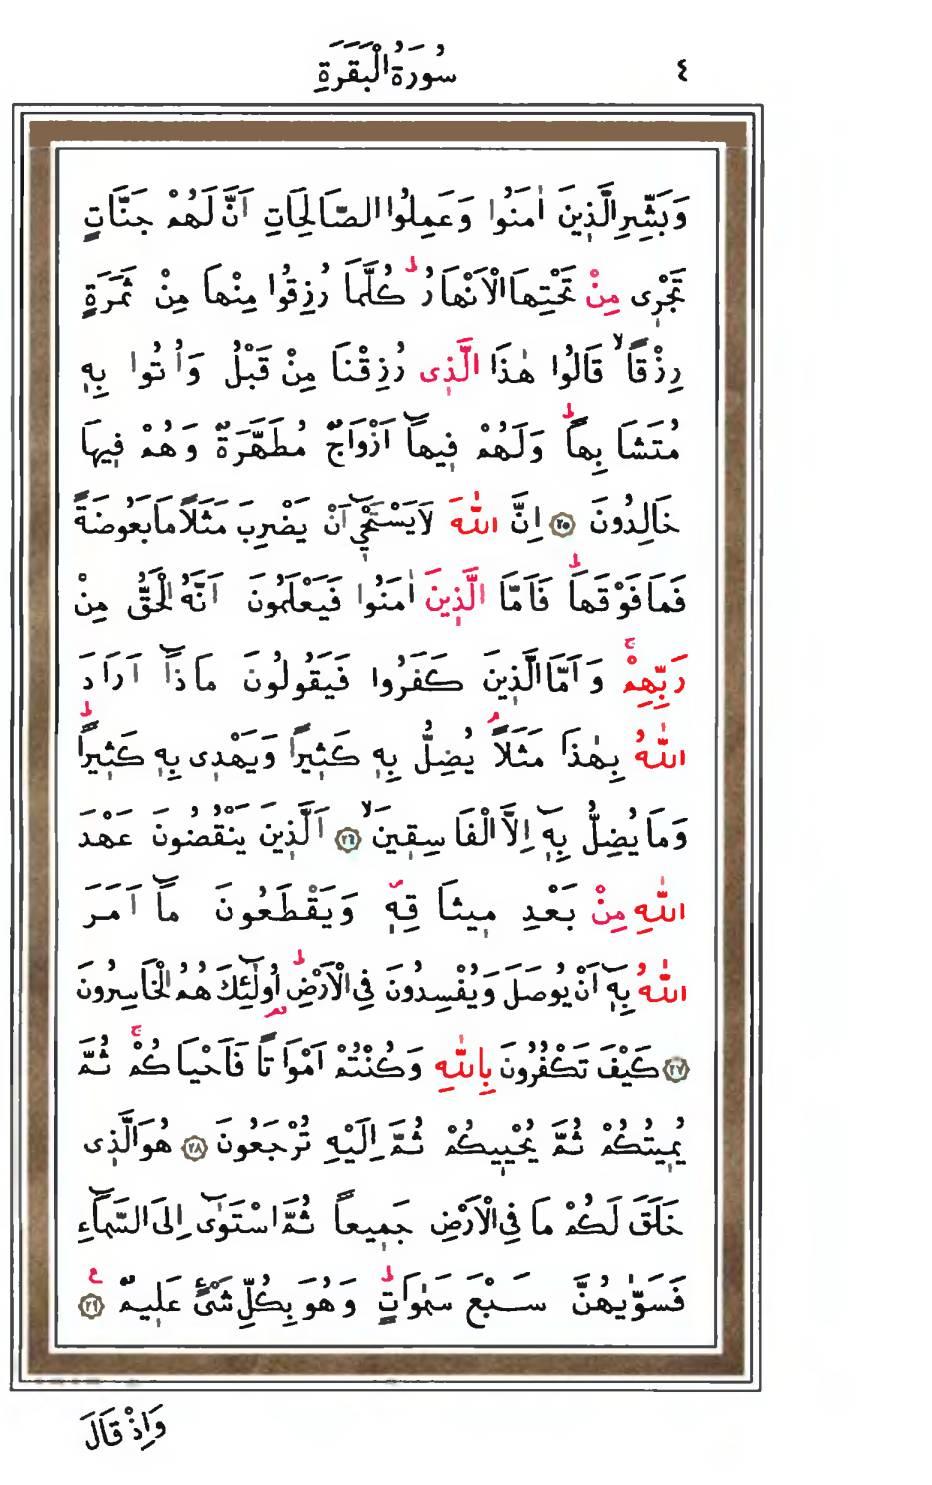 Скачать книгу коран на арабском языке скачать